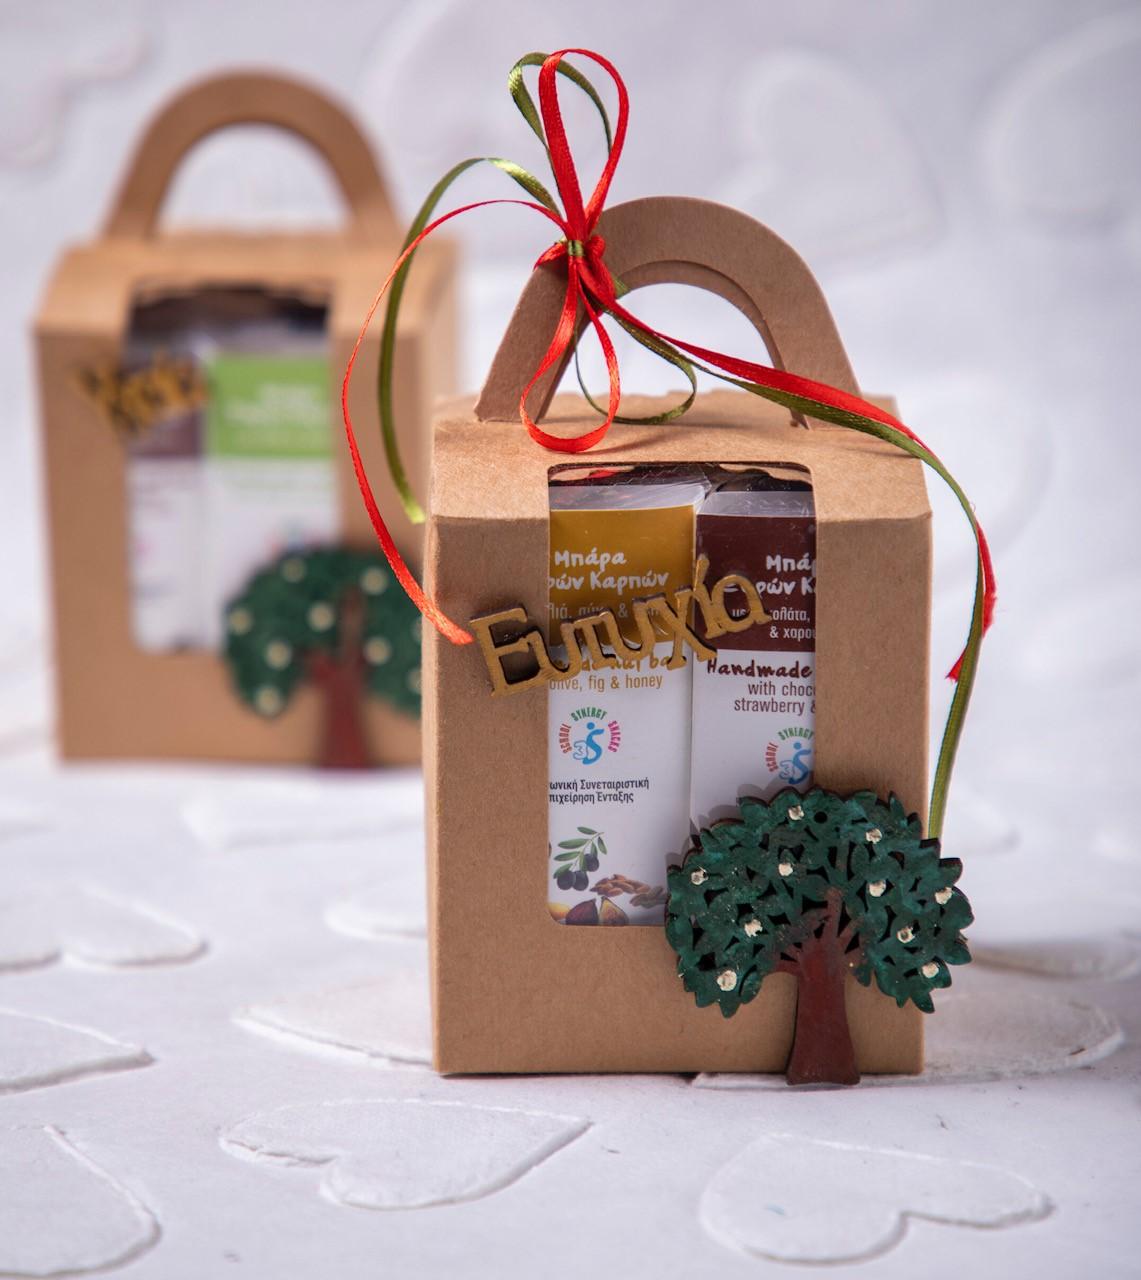 μπάρες δημητριακών σε χριστουγεννιάτικη συσκευασία